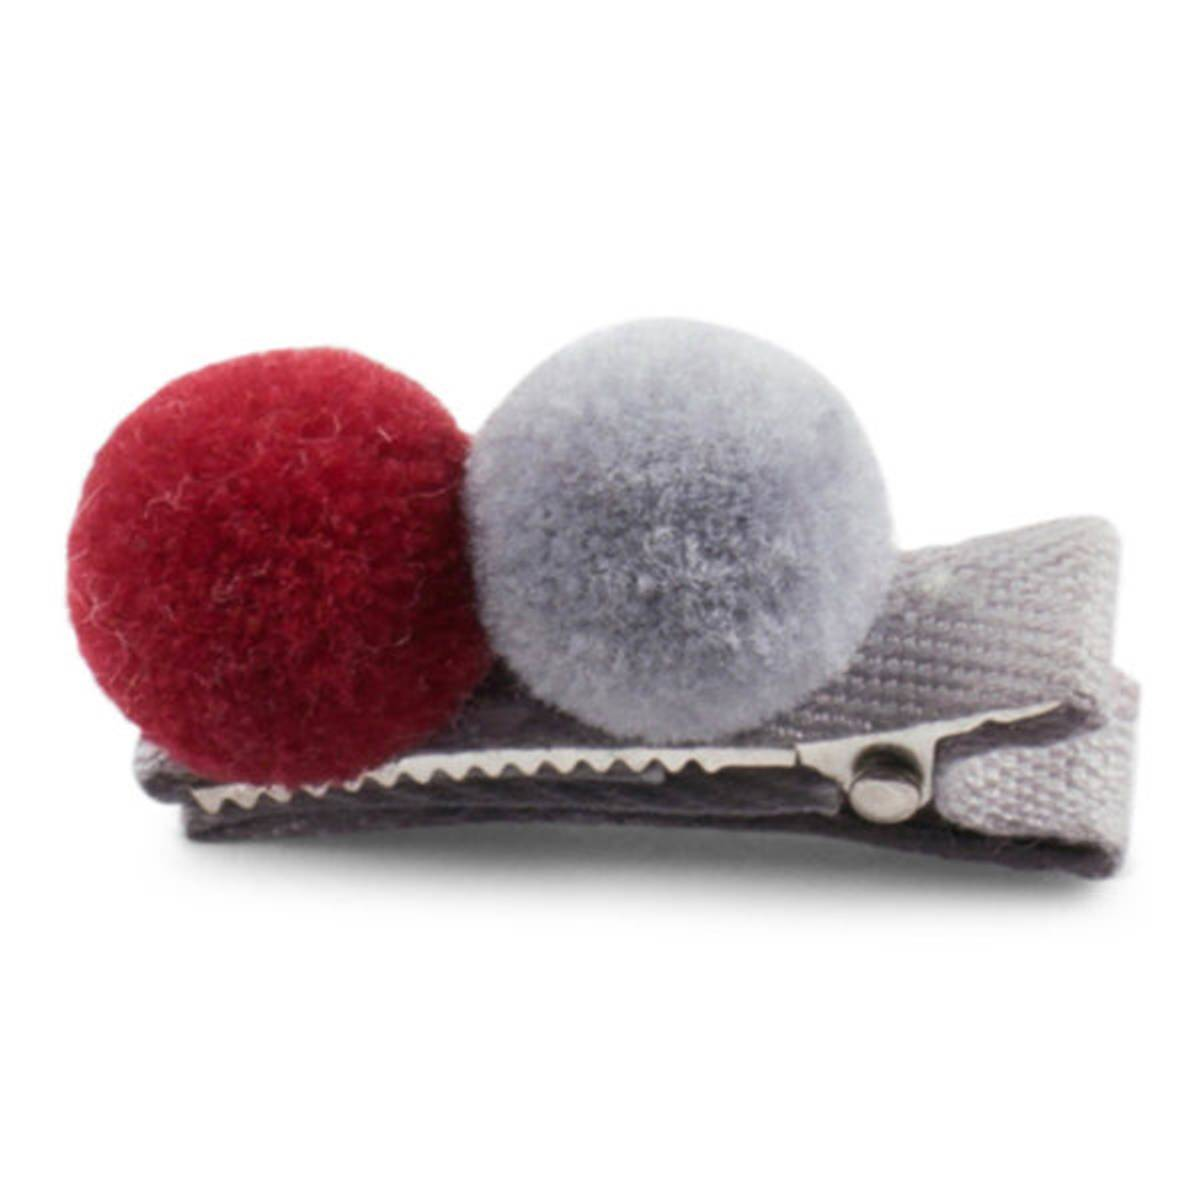 Lillelam hårspenne 2 pompom- rød og grå